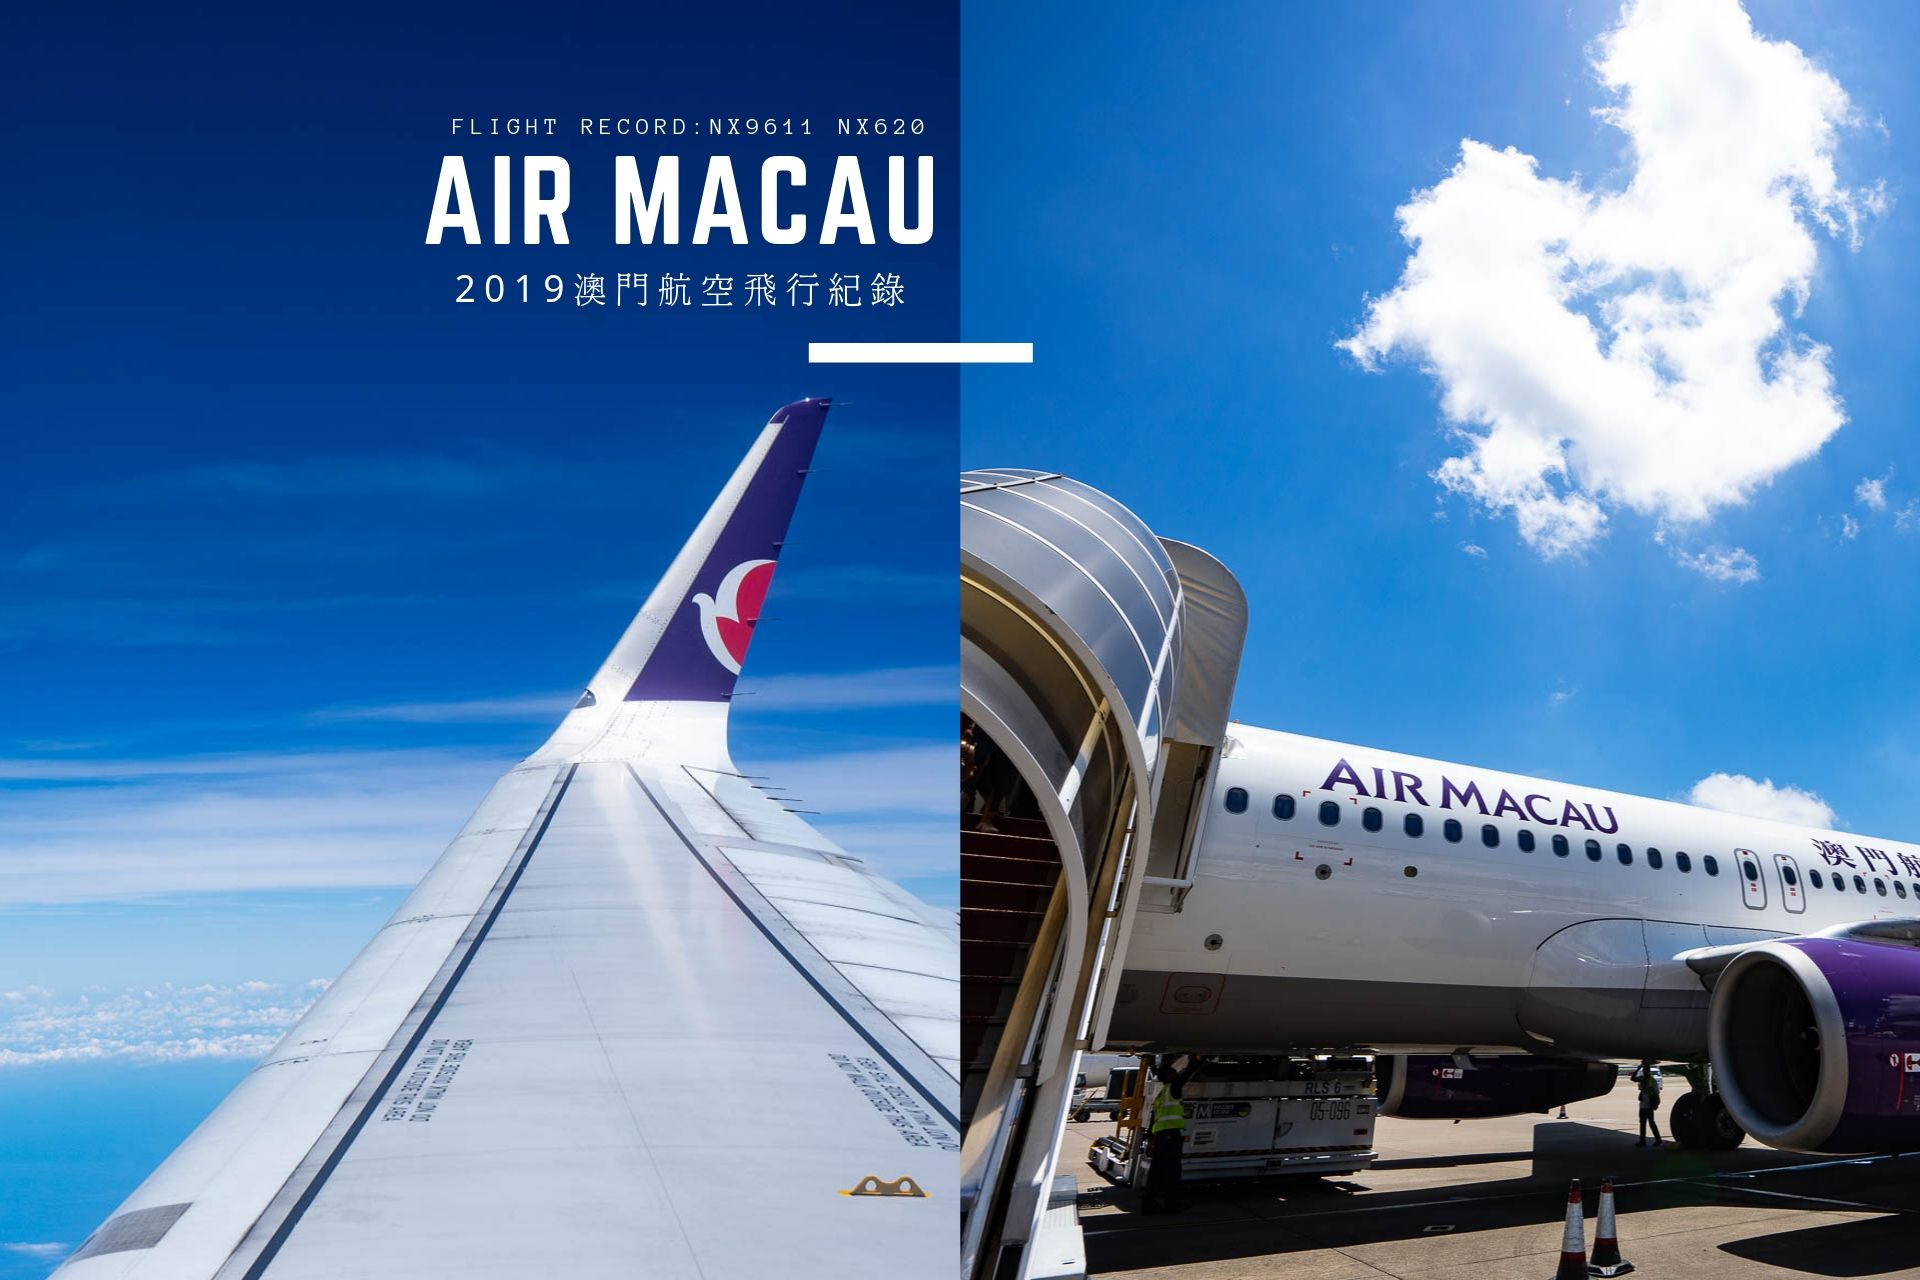 澳門航空Air Macau -台北澳門來回NX9611、NX620